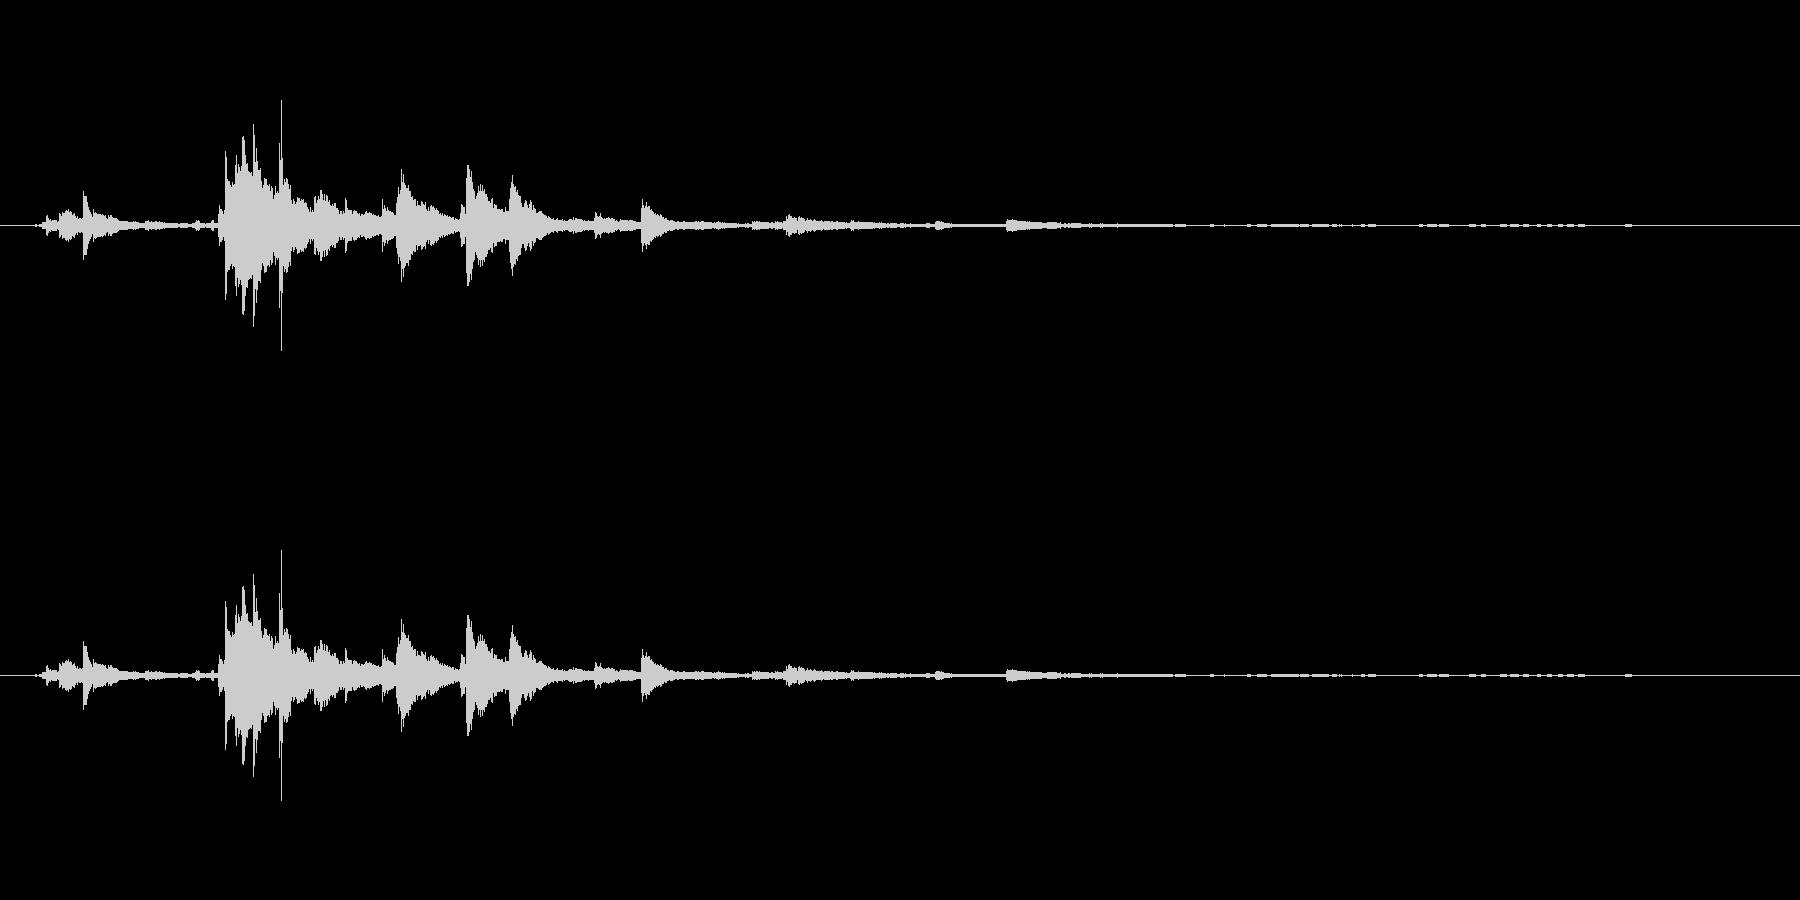 メタル ウィンドベルリンギング05の未再生の波形